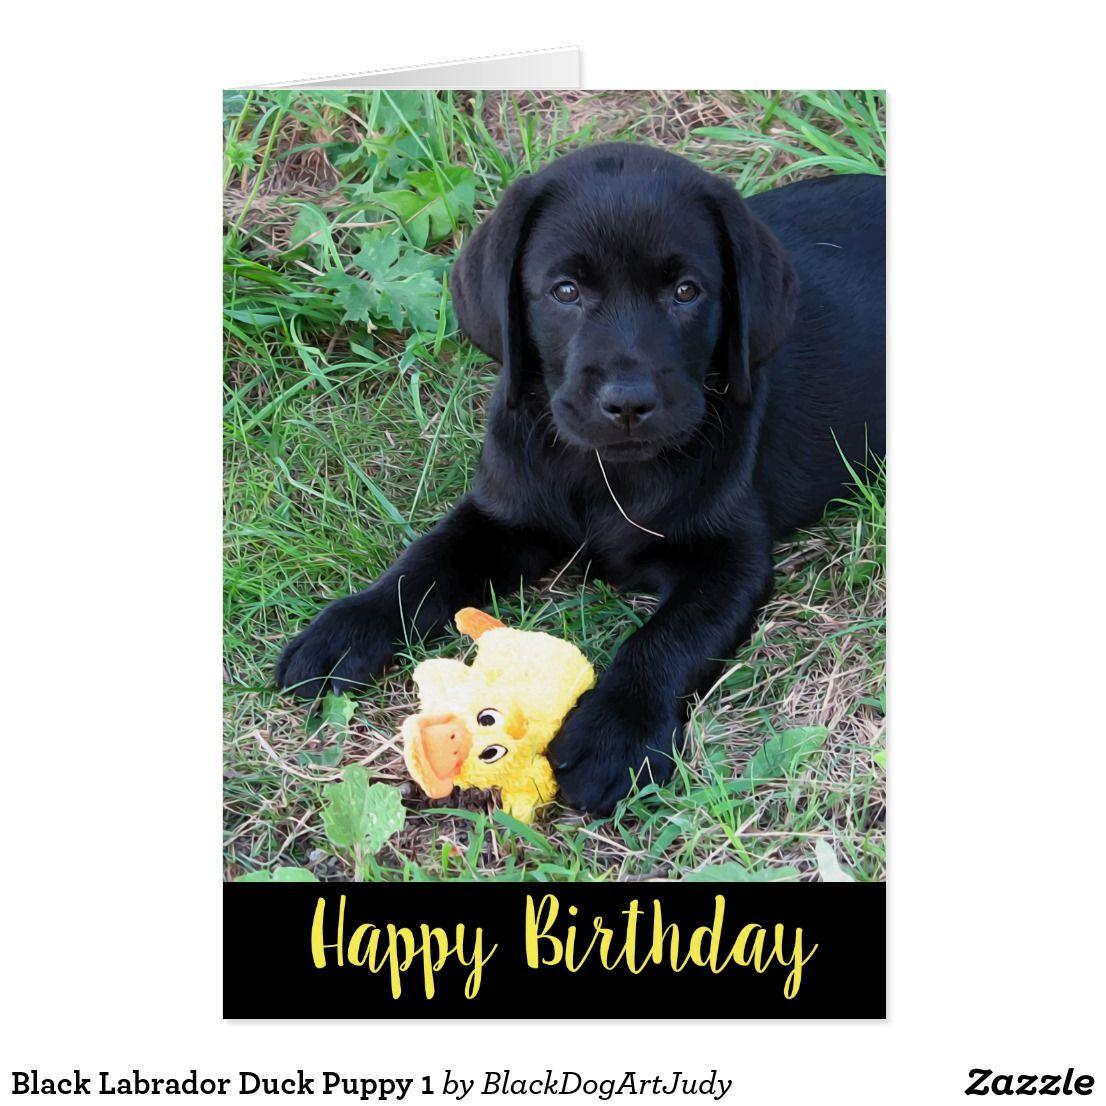 Black Labrador Dog Puppy Painting Snow Birthday Christmas Xmas Card